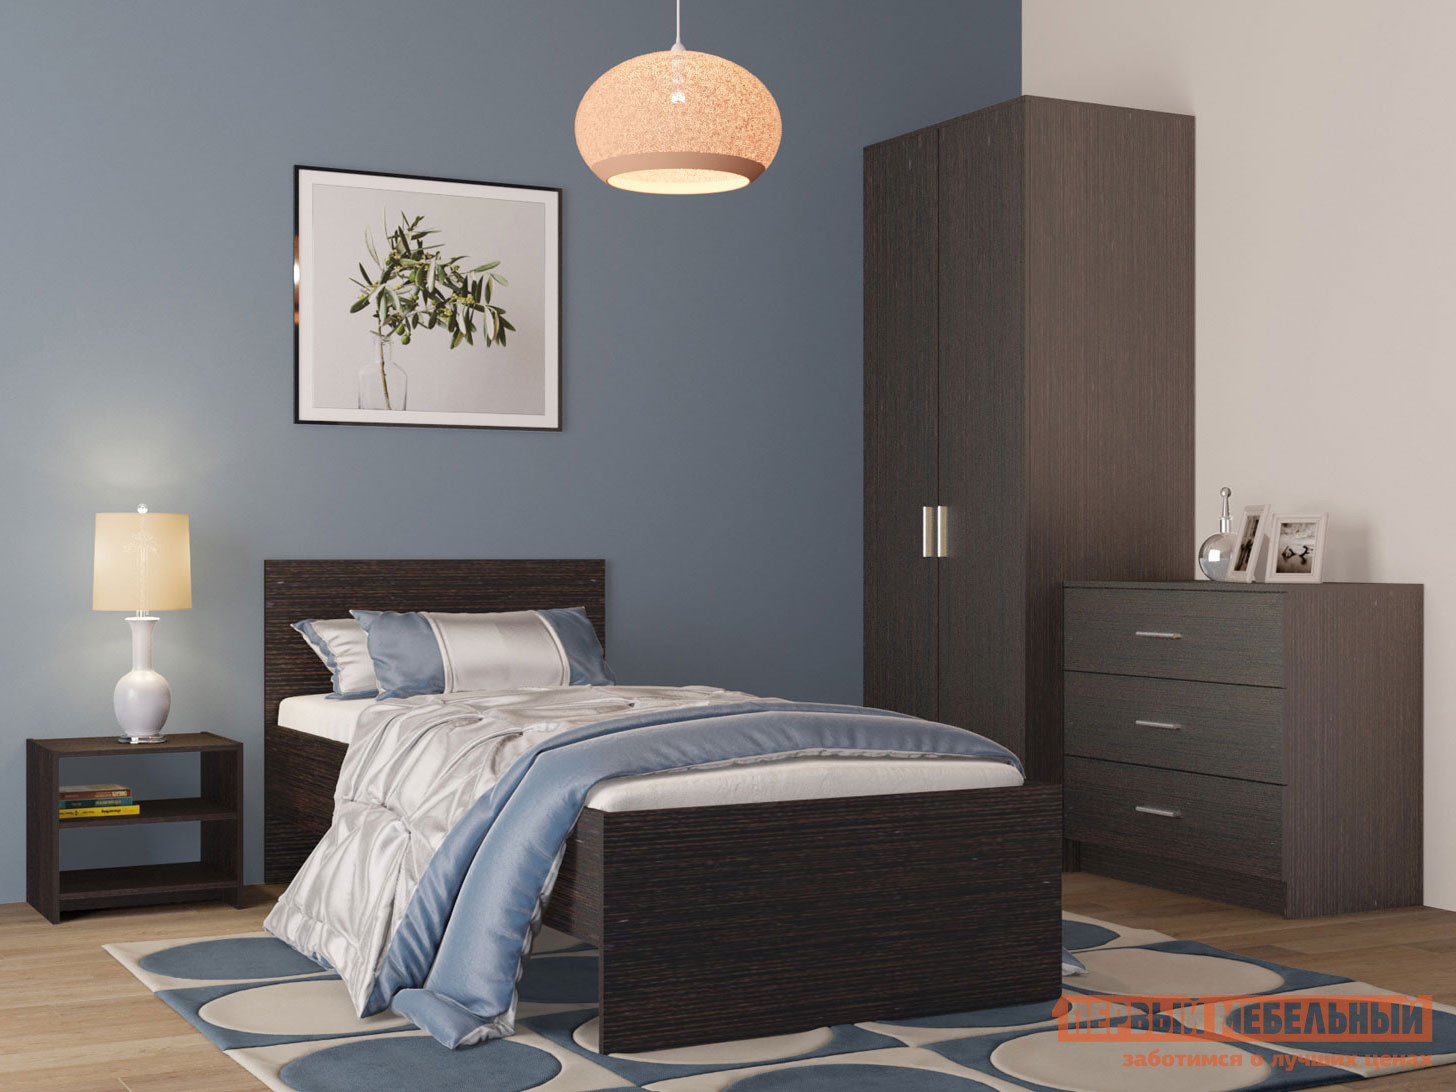 Спальный гарнитур НК-Мебель Комплект мебели для спальни Тиберия К1 спальный гарнитур нк мебель комплект мебели для спальни тиберия к2